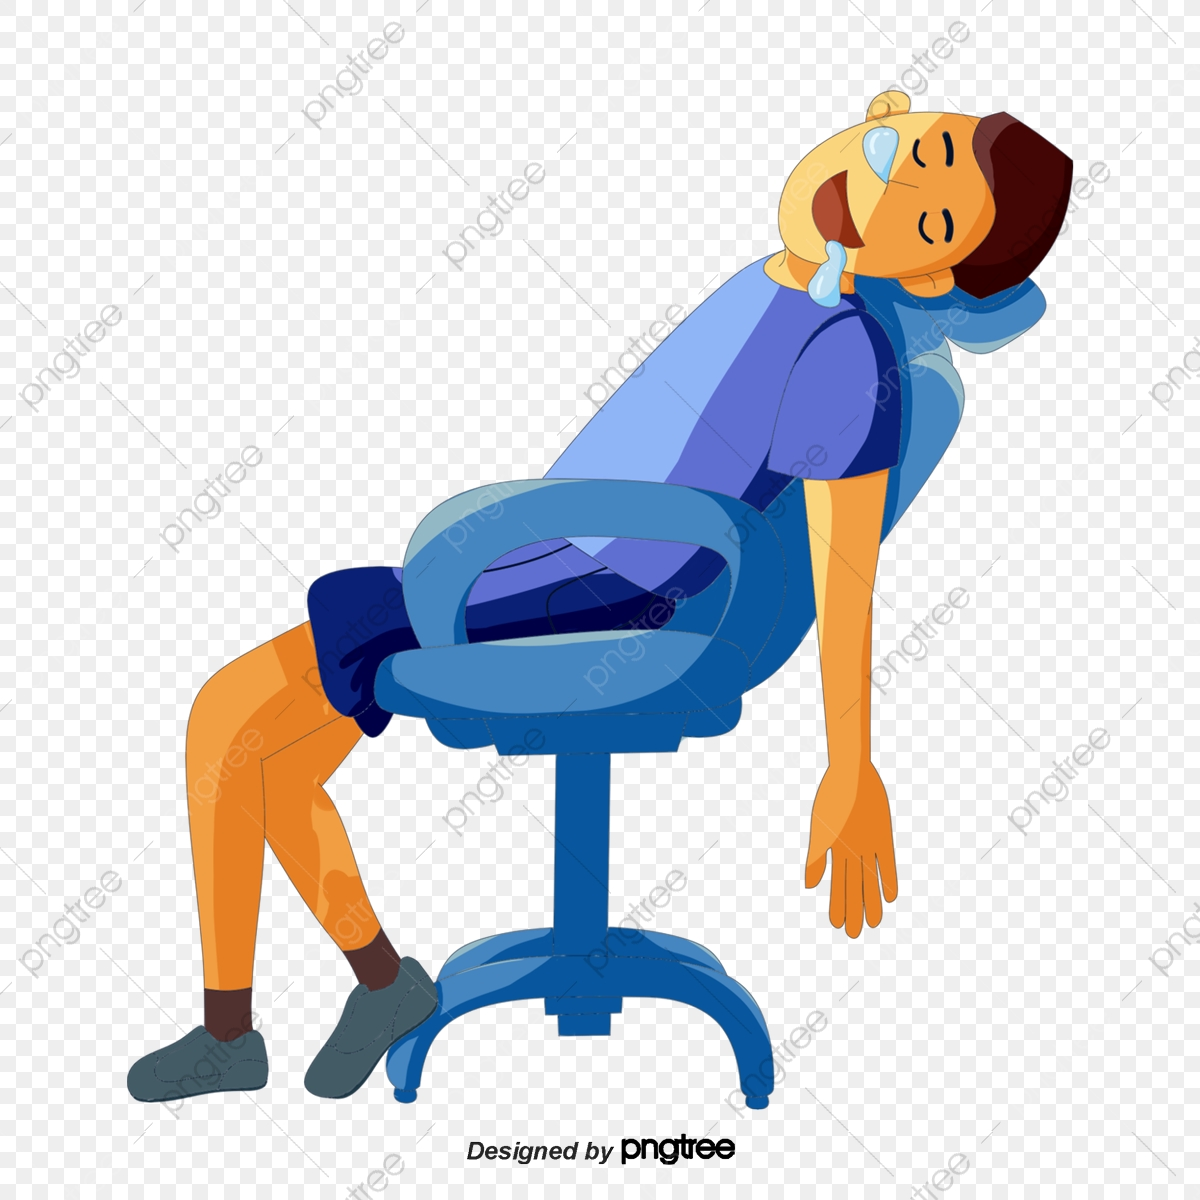 картинка спящий на стуле для нее